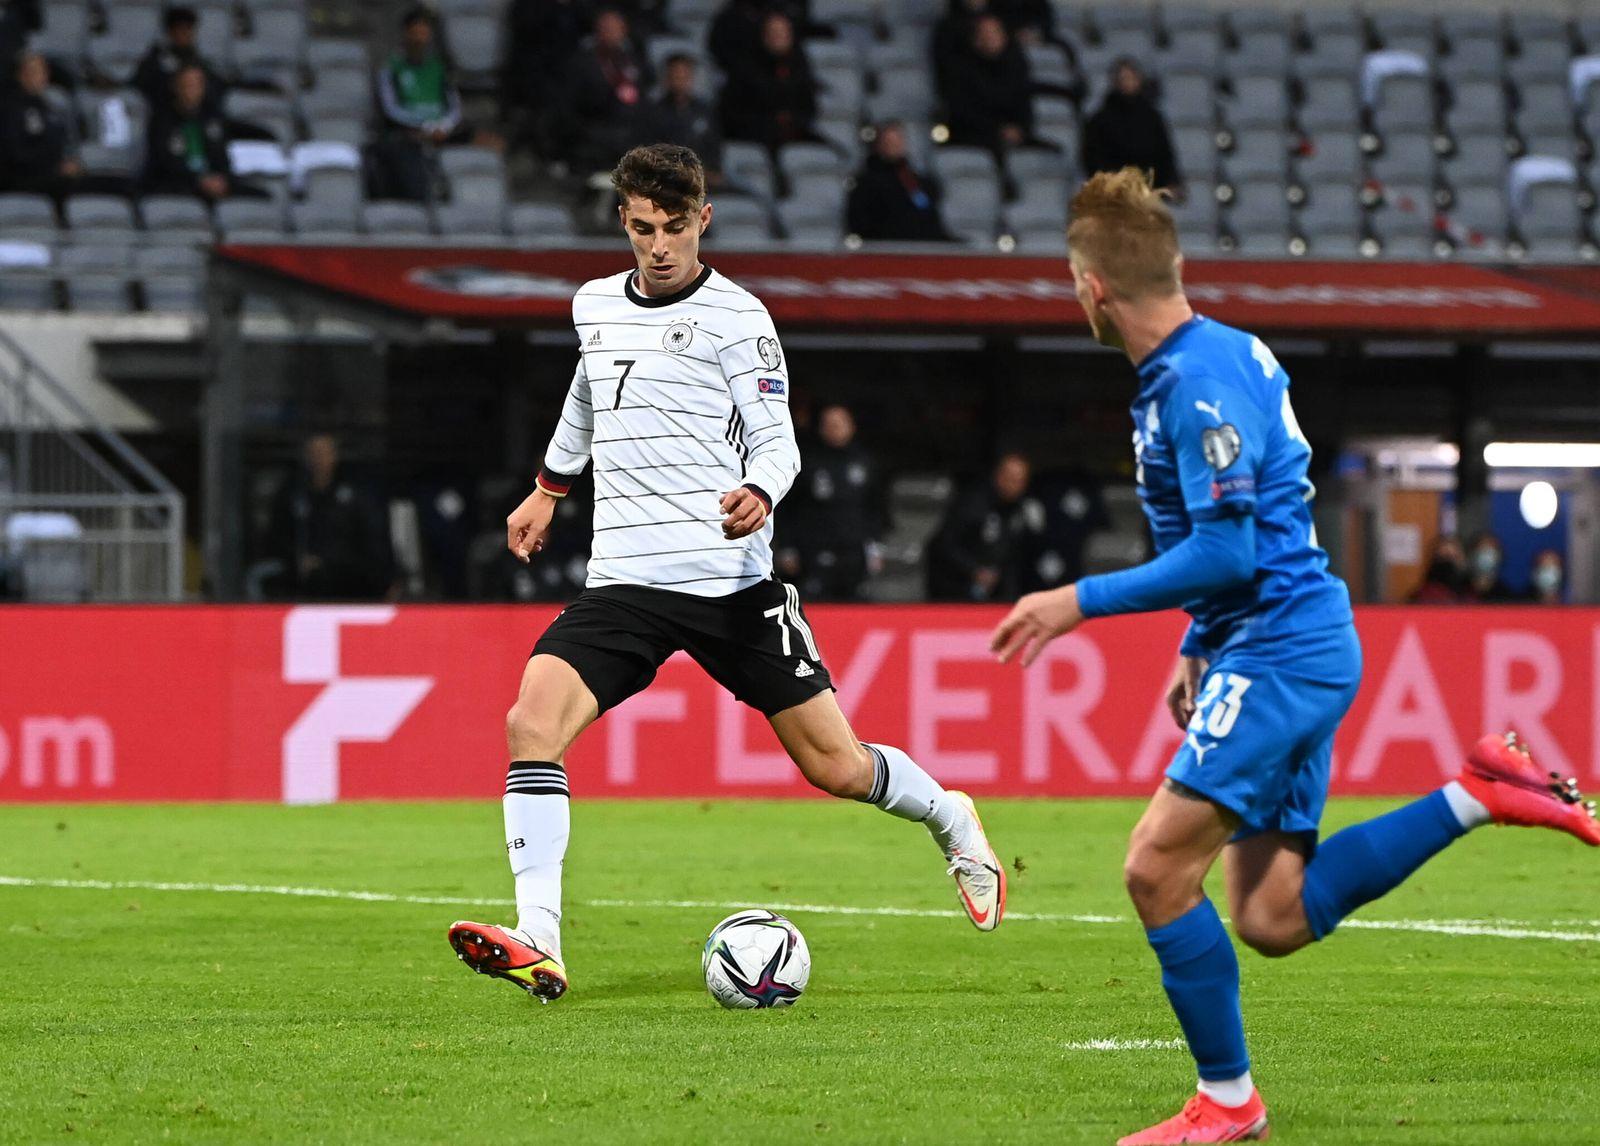 Fussball, Herren, Saison 2020/21, WM-Qualifikation (Gruppe J, 6. Spieltag) in Reykjavik, Island - Deutschland, v. l. Kai